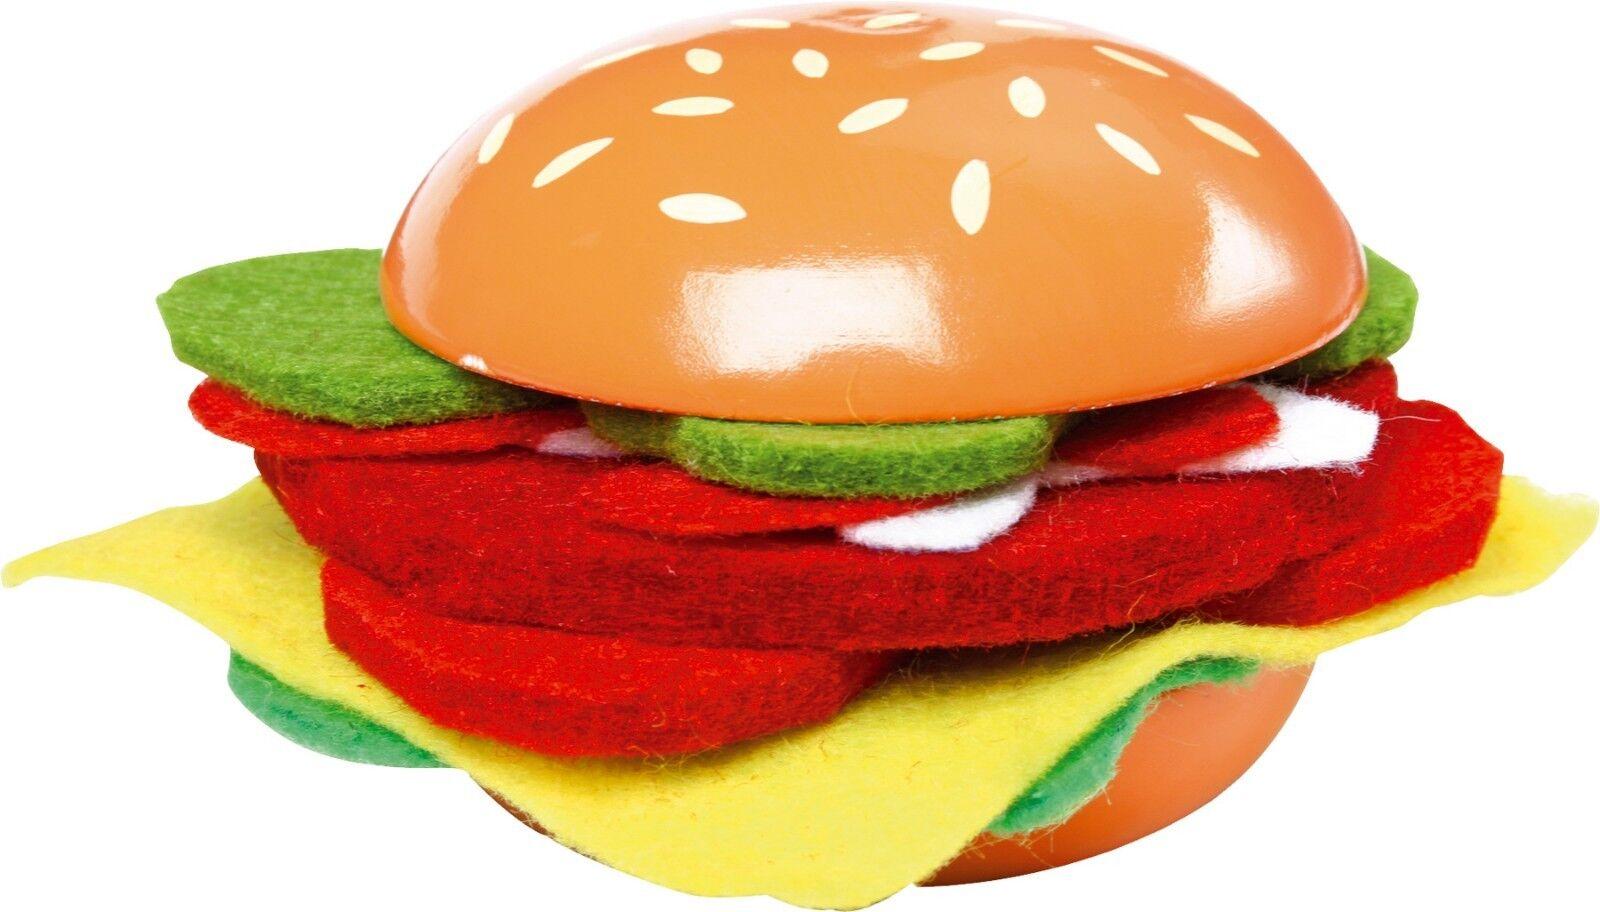 Kaufladen Kinderküche Cheesburger Fast Lebensmittel Food Kaufladenzubehör Lebensmittel Fast Holz 632bf7